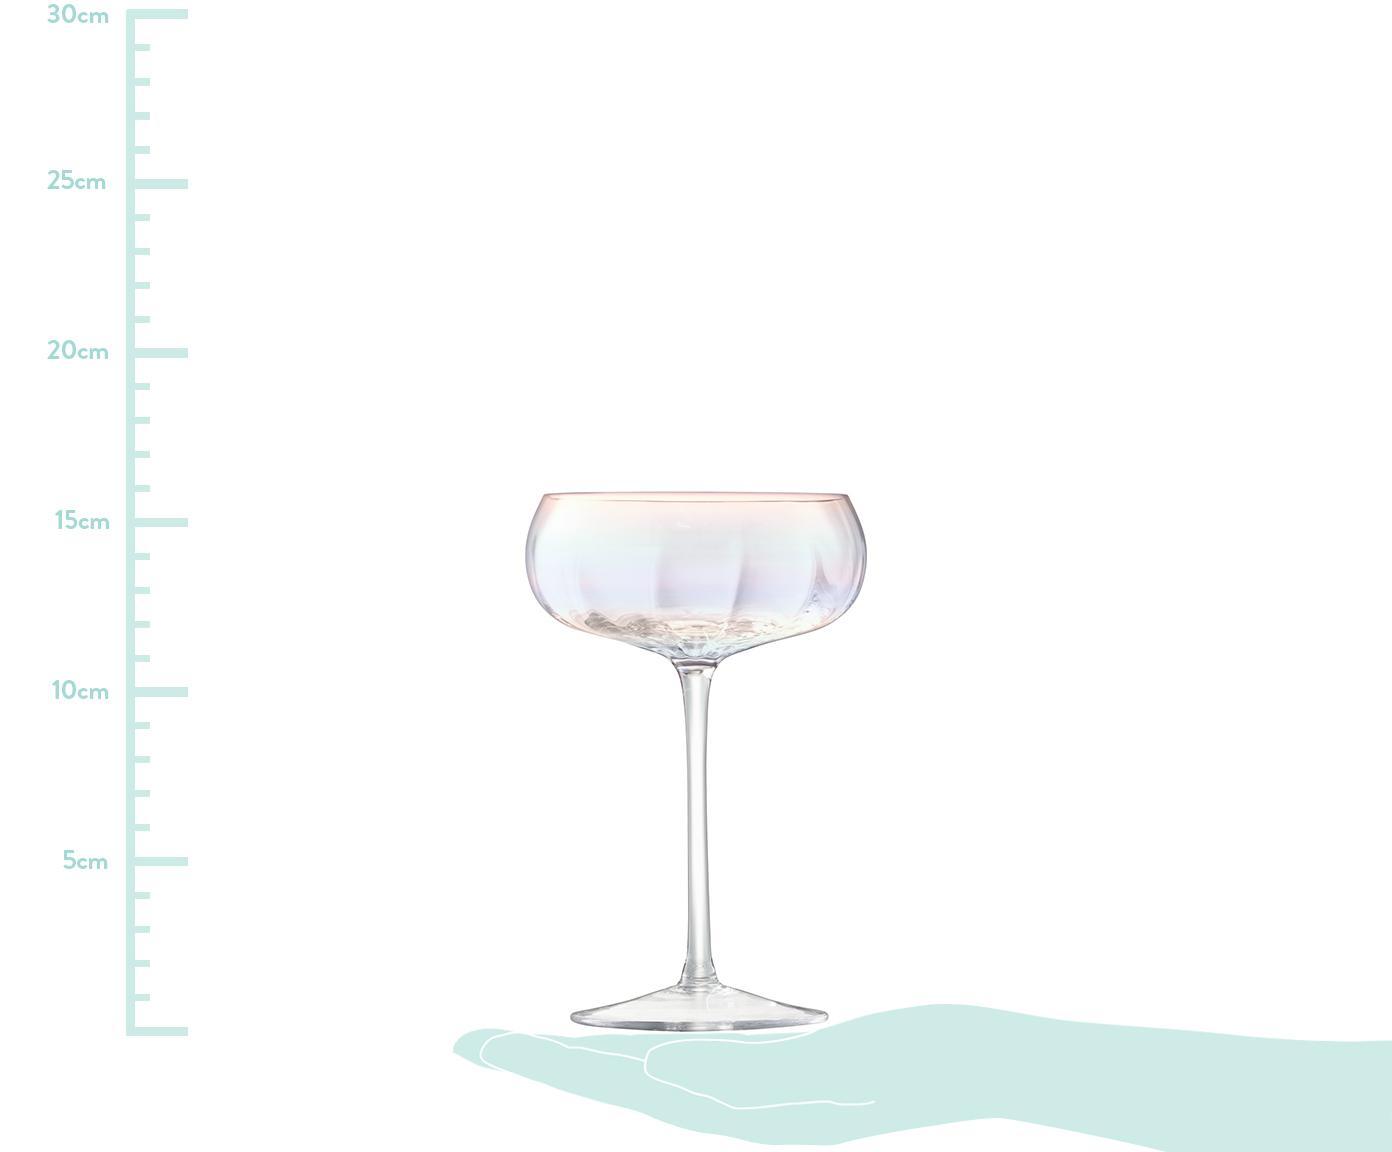 Mundgeblasene Champagnerschalen Pearl mit Perlmuttglanz, 4er-Set, Glas, Perlmutt-Schimmer, Ø 11 x H 16 cm